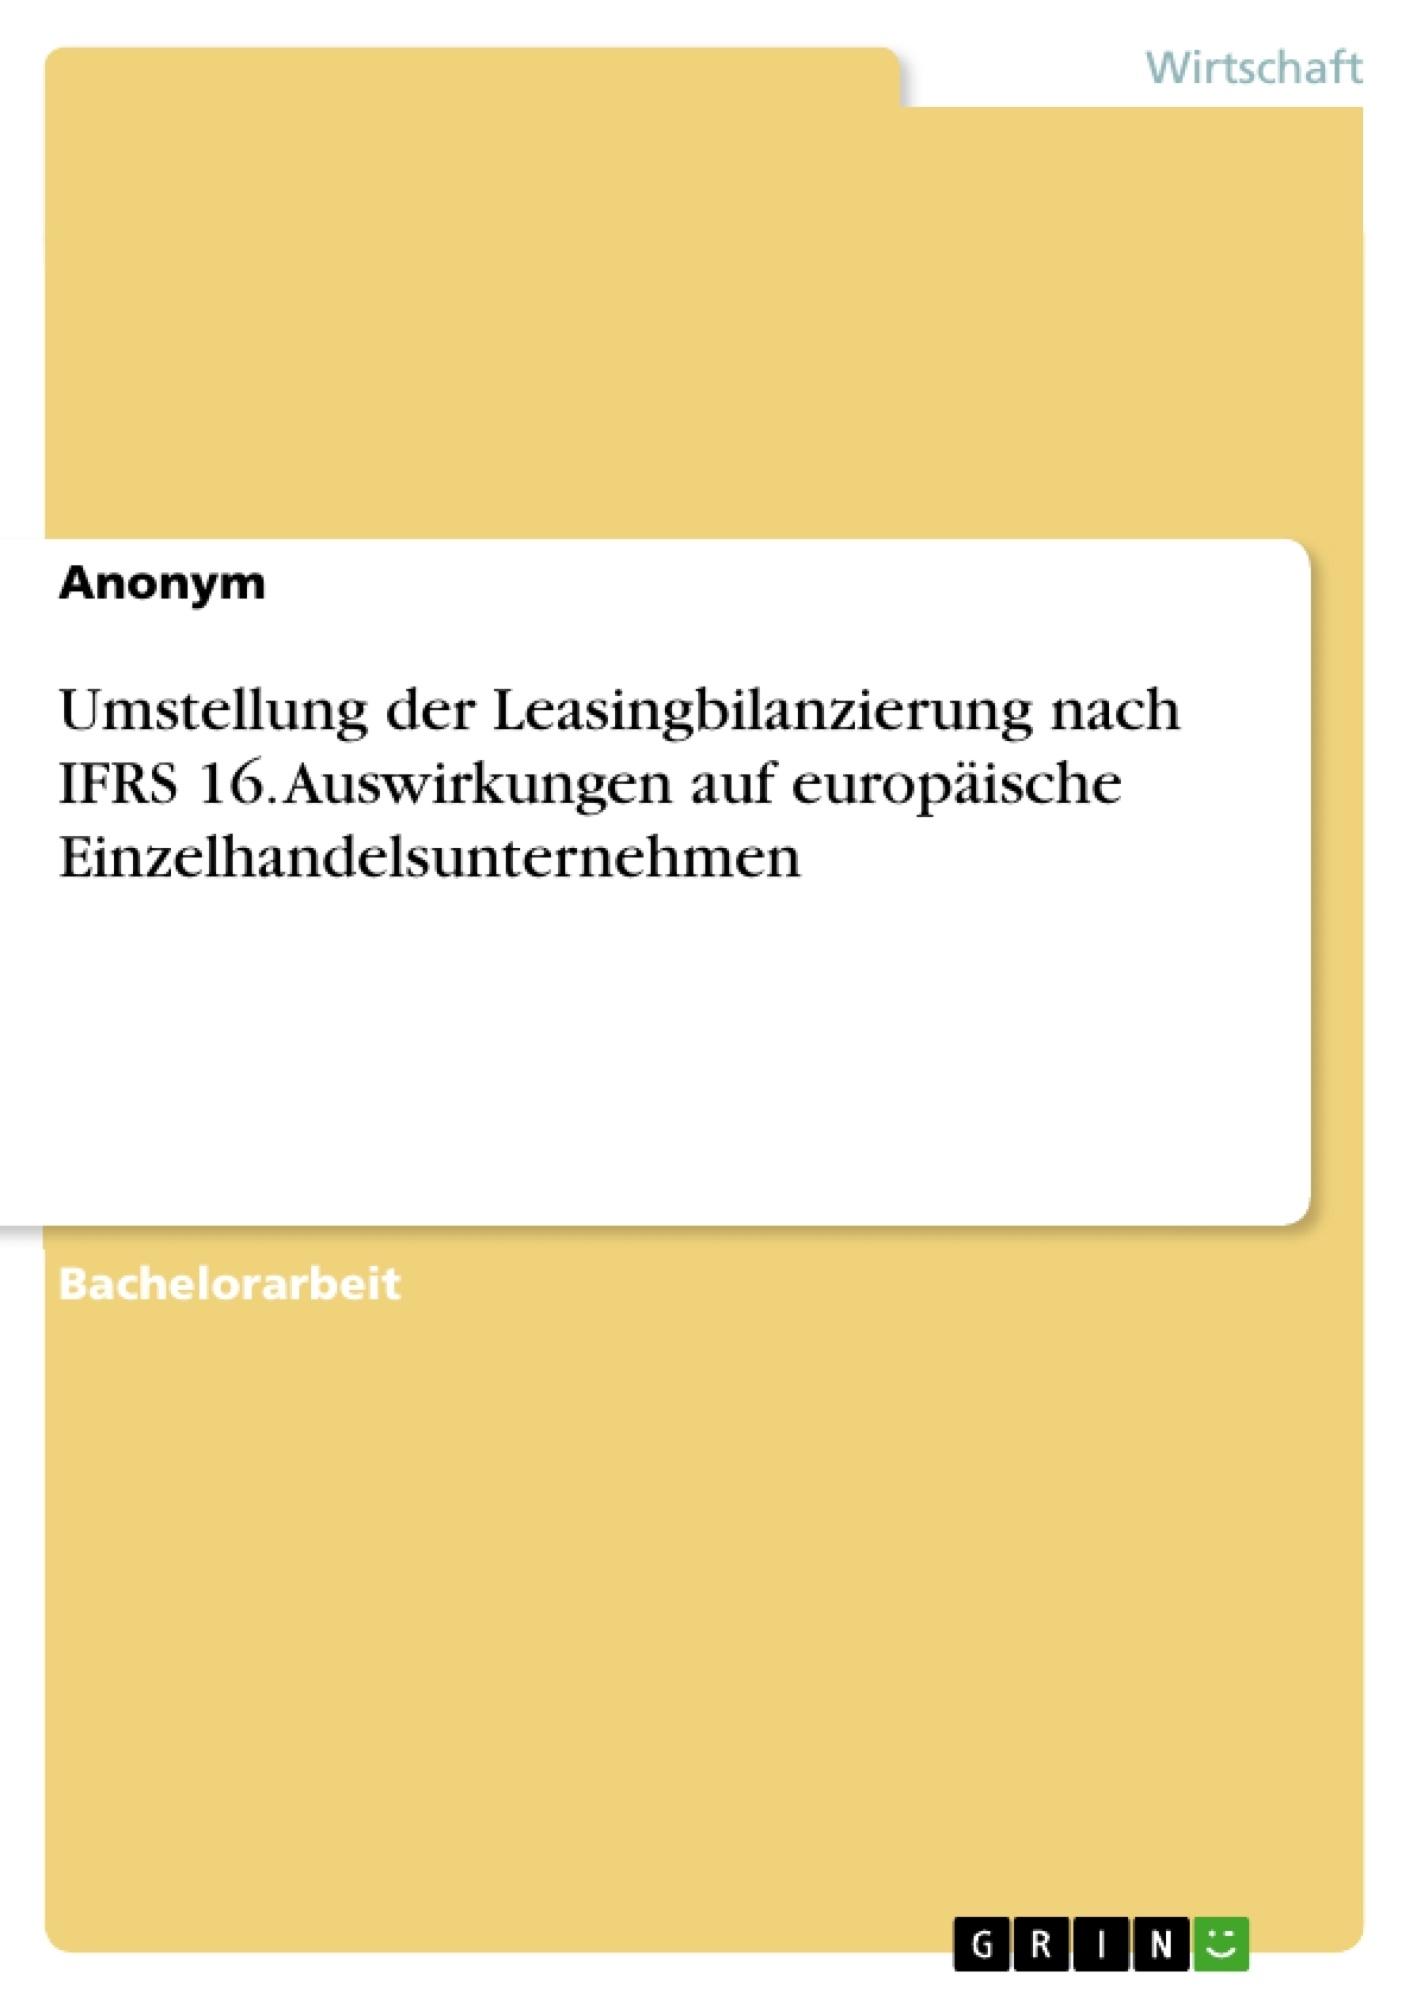 Titel: Umstellung der Leasingbilanzierung nach IFRS 16. Auswirkungen auf europäische Einzelhandelsunternehmen